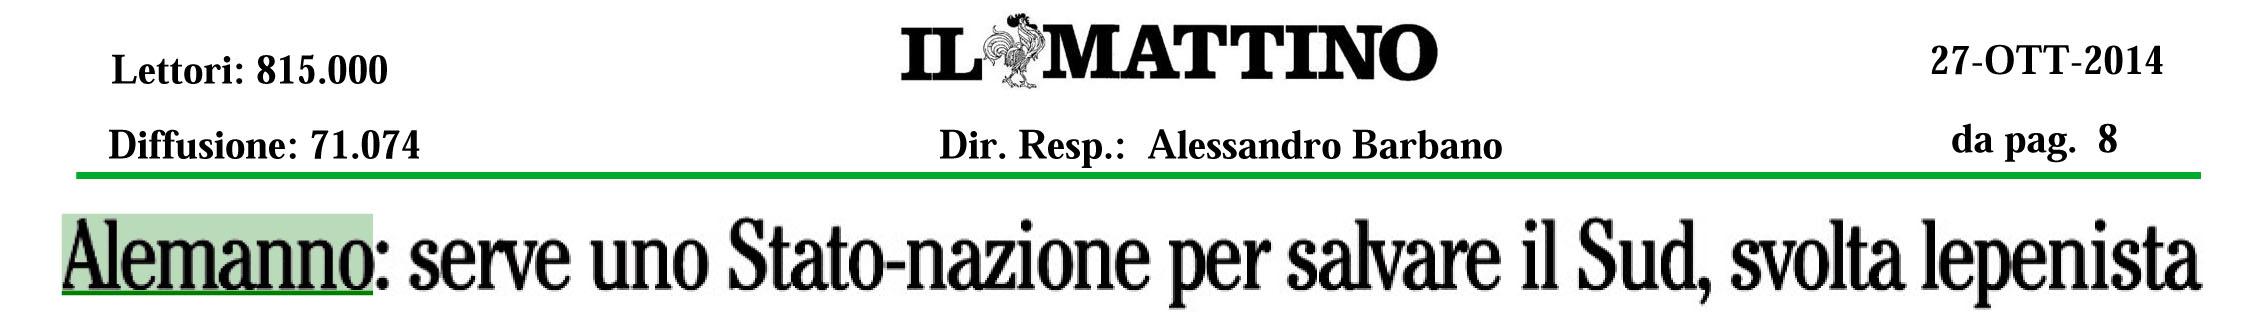 20141027INTERVISTAILMATTINO